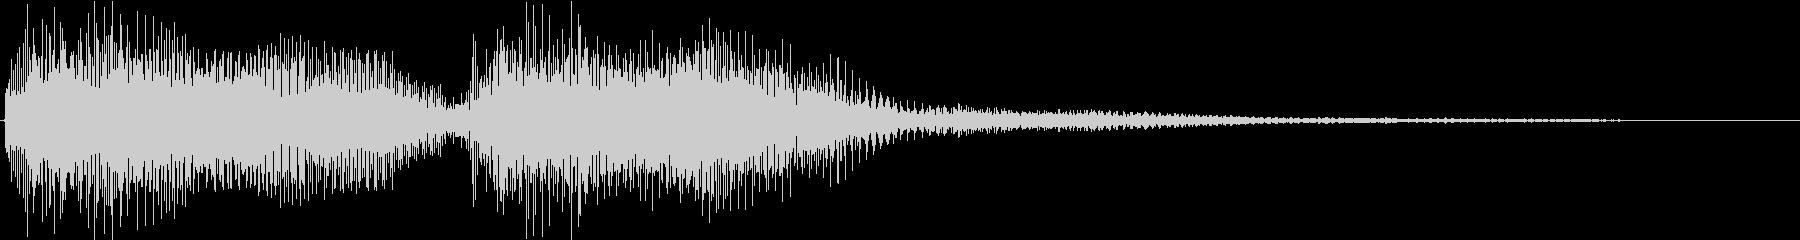 KANTクイズの時のジングル11の未再生の波形